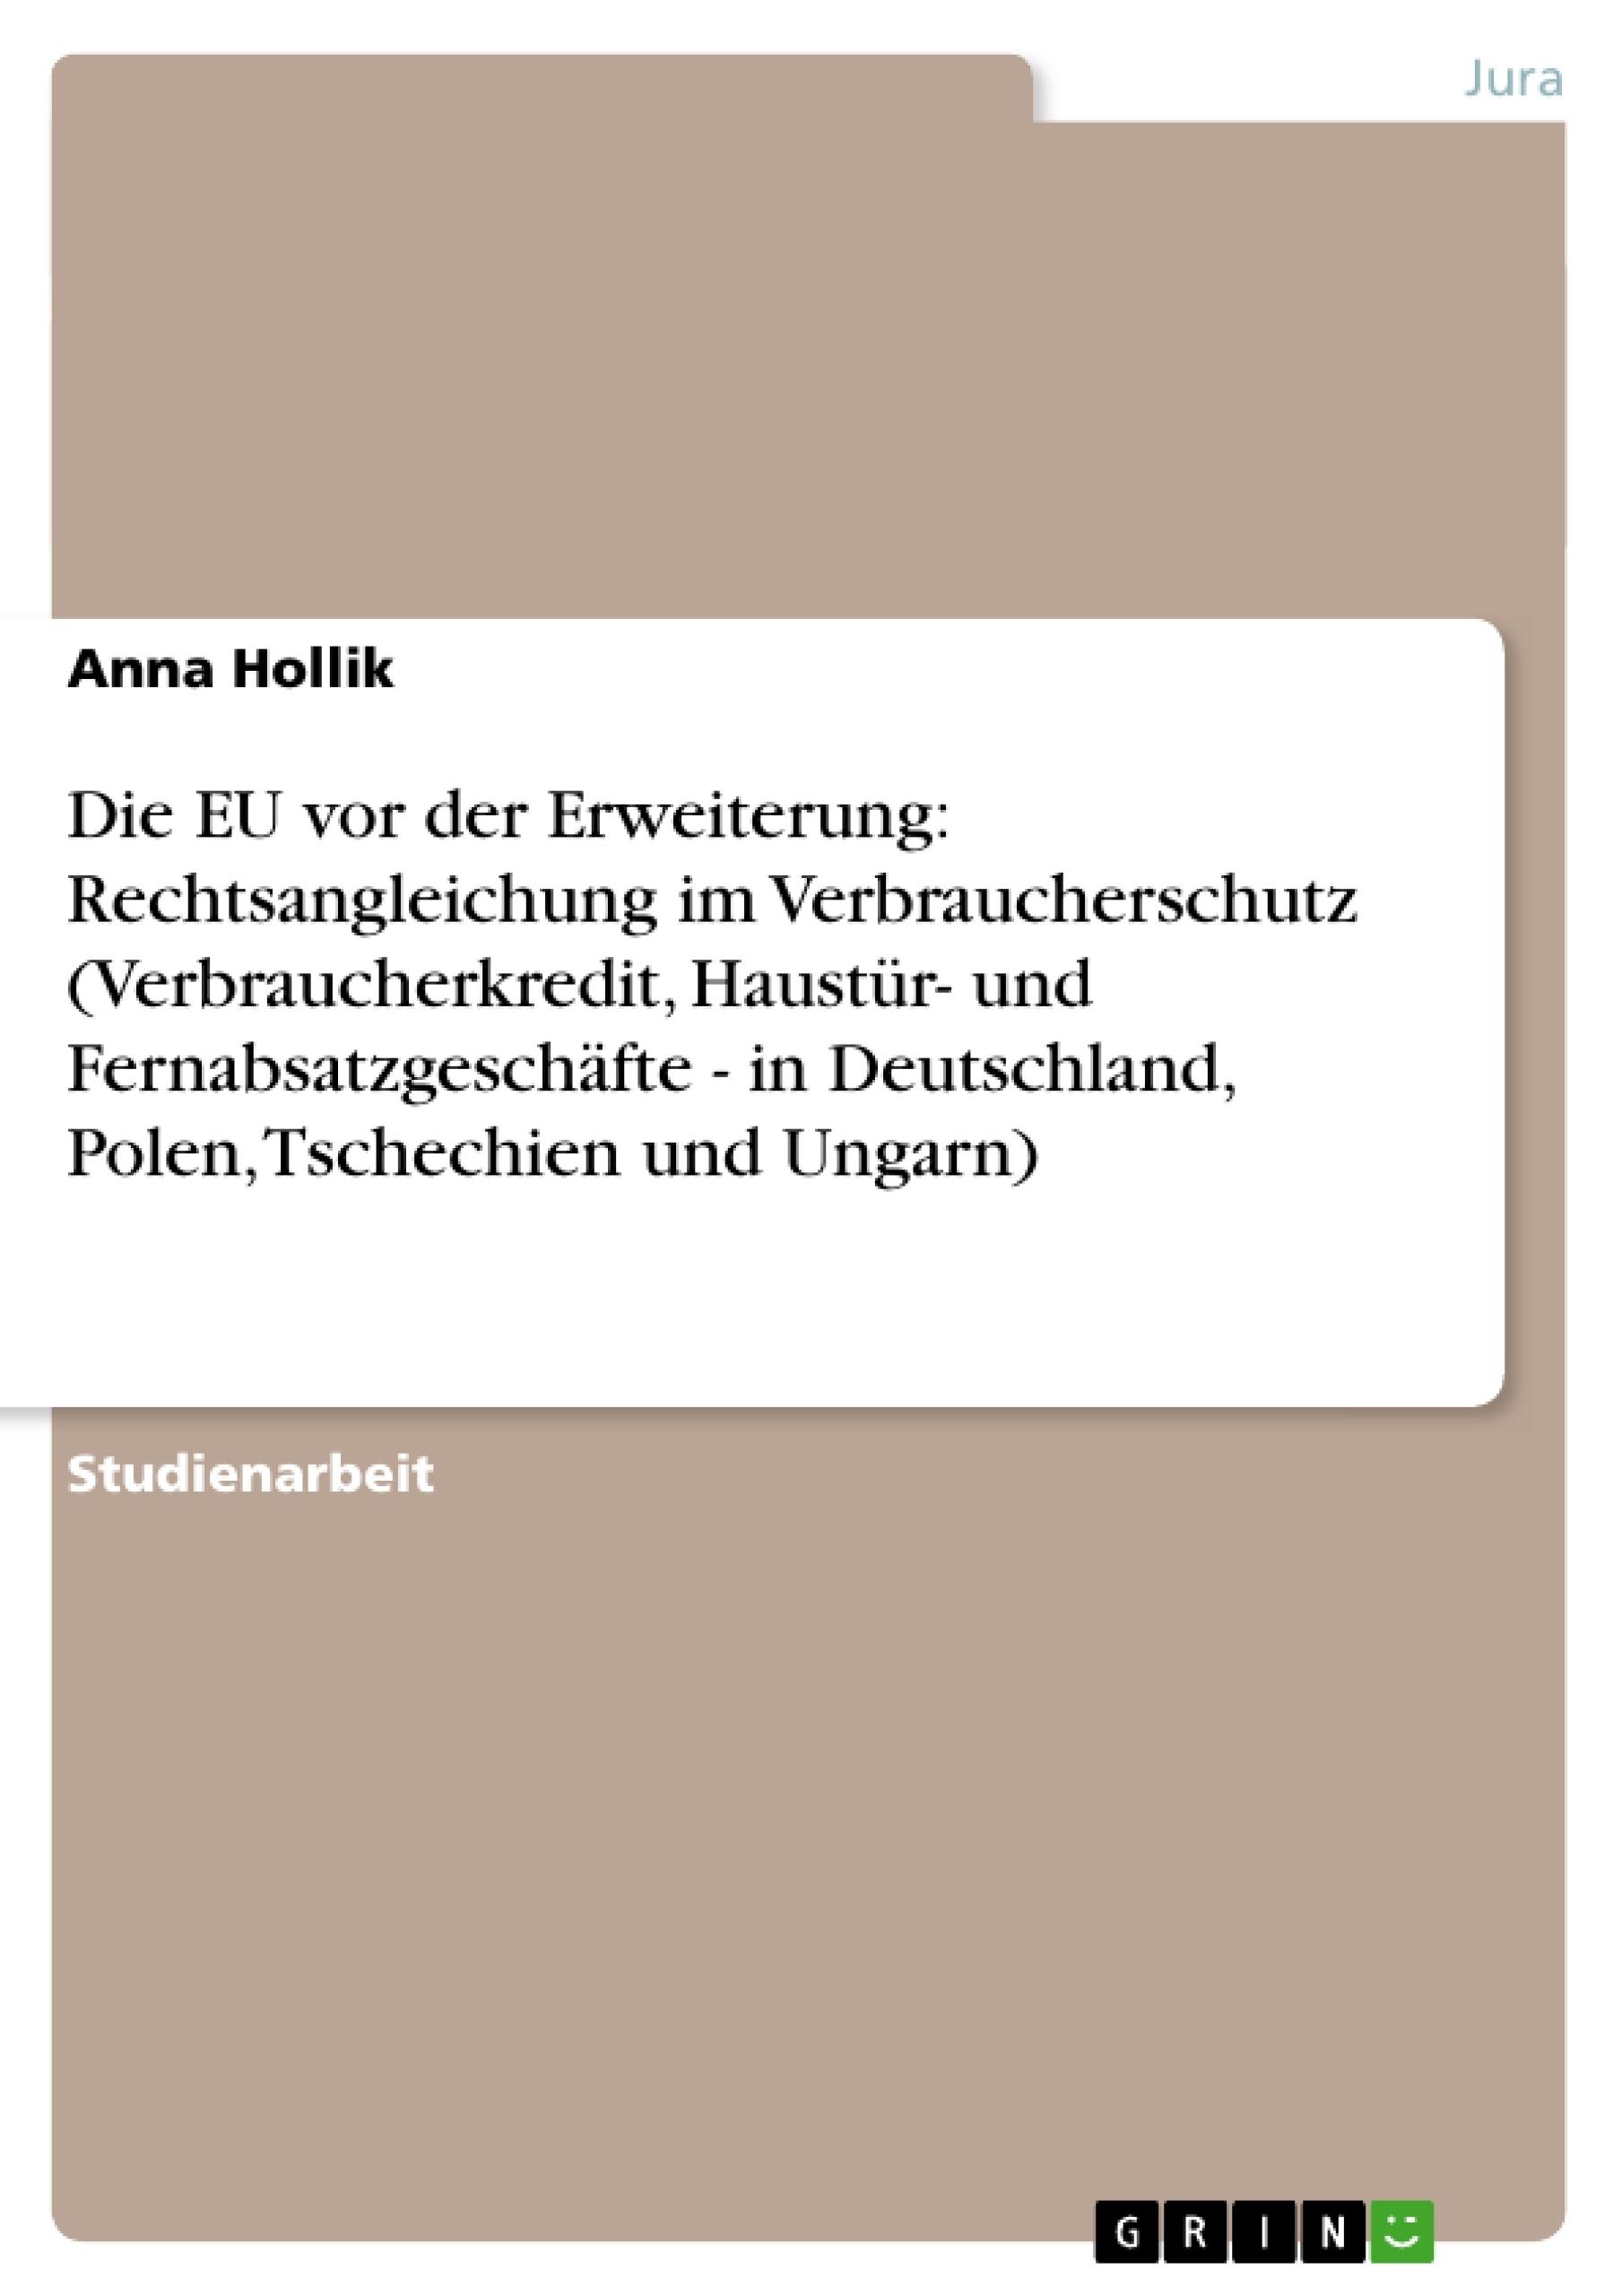 Titel: Die EU vor der Erweiterung: Rechtsangleichung im Verbraucherschutz (Verbraucherkredit, Haustür- und Fernabsatzgeschäfte - in Deutschland, Polen, Tschechien und Ungarn)